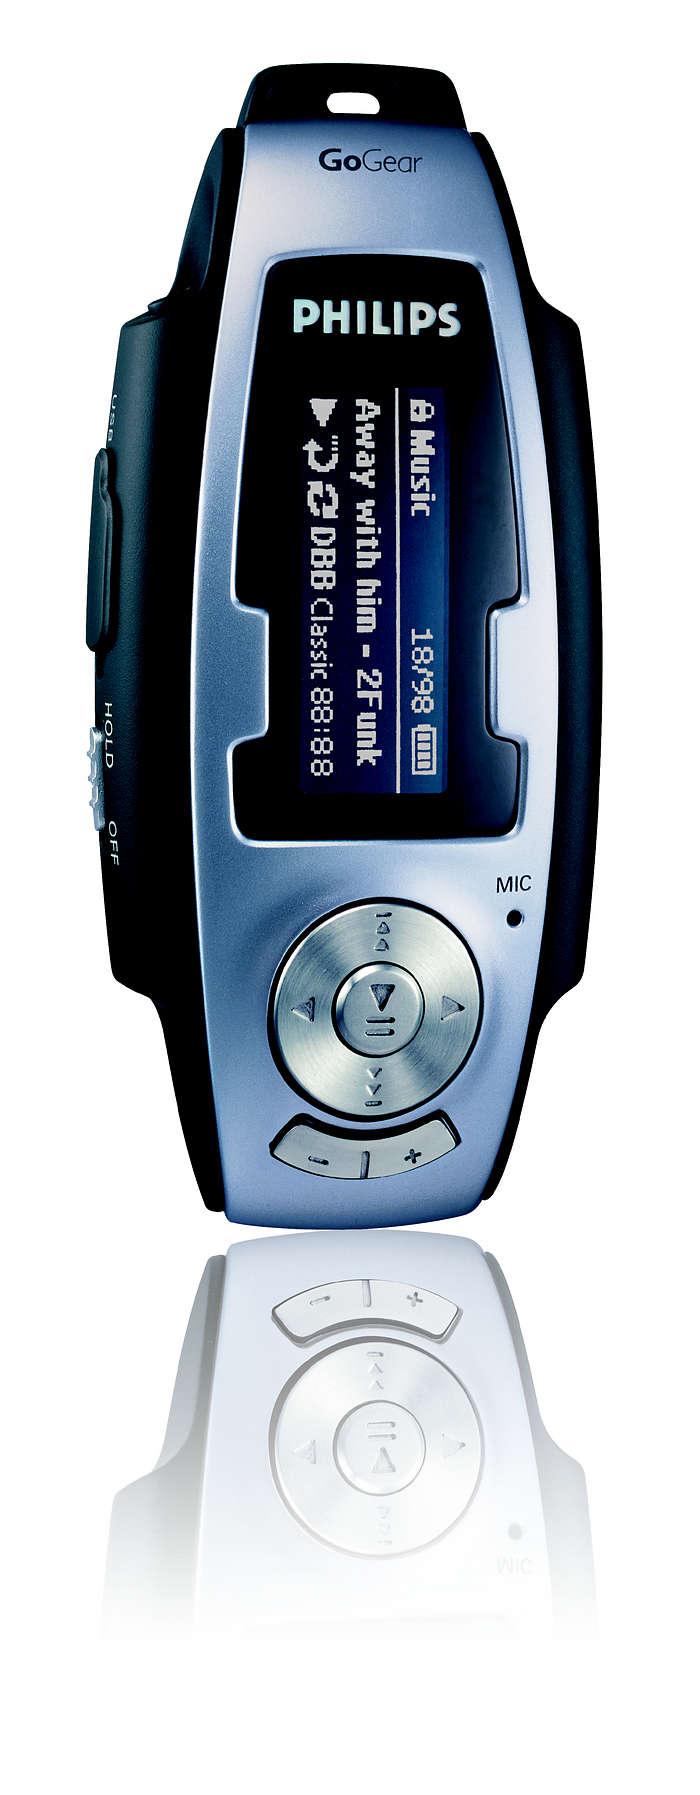 Uw MP3's en WMA's altijd bij de hand